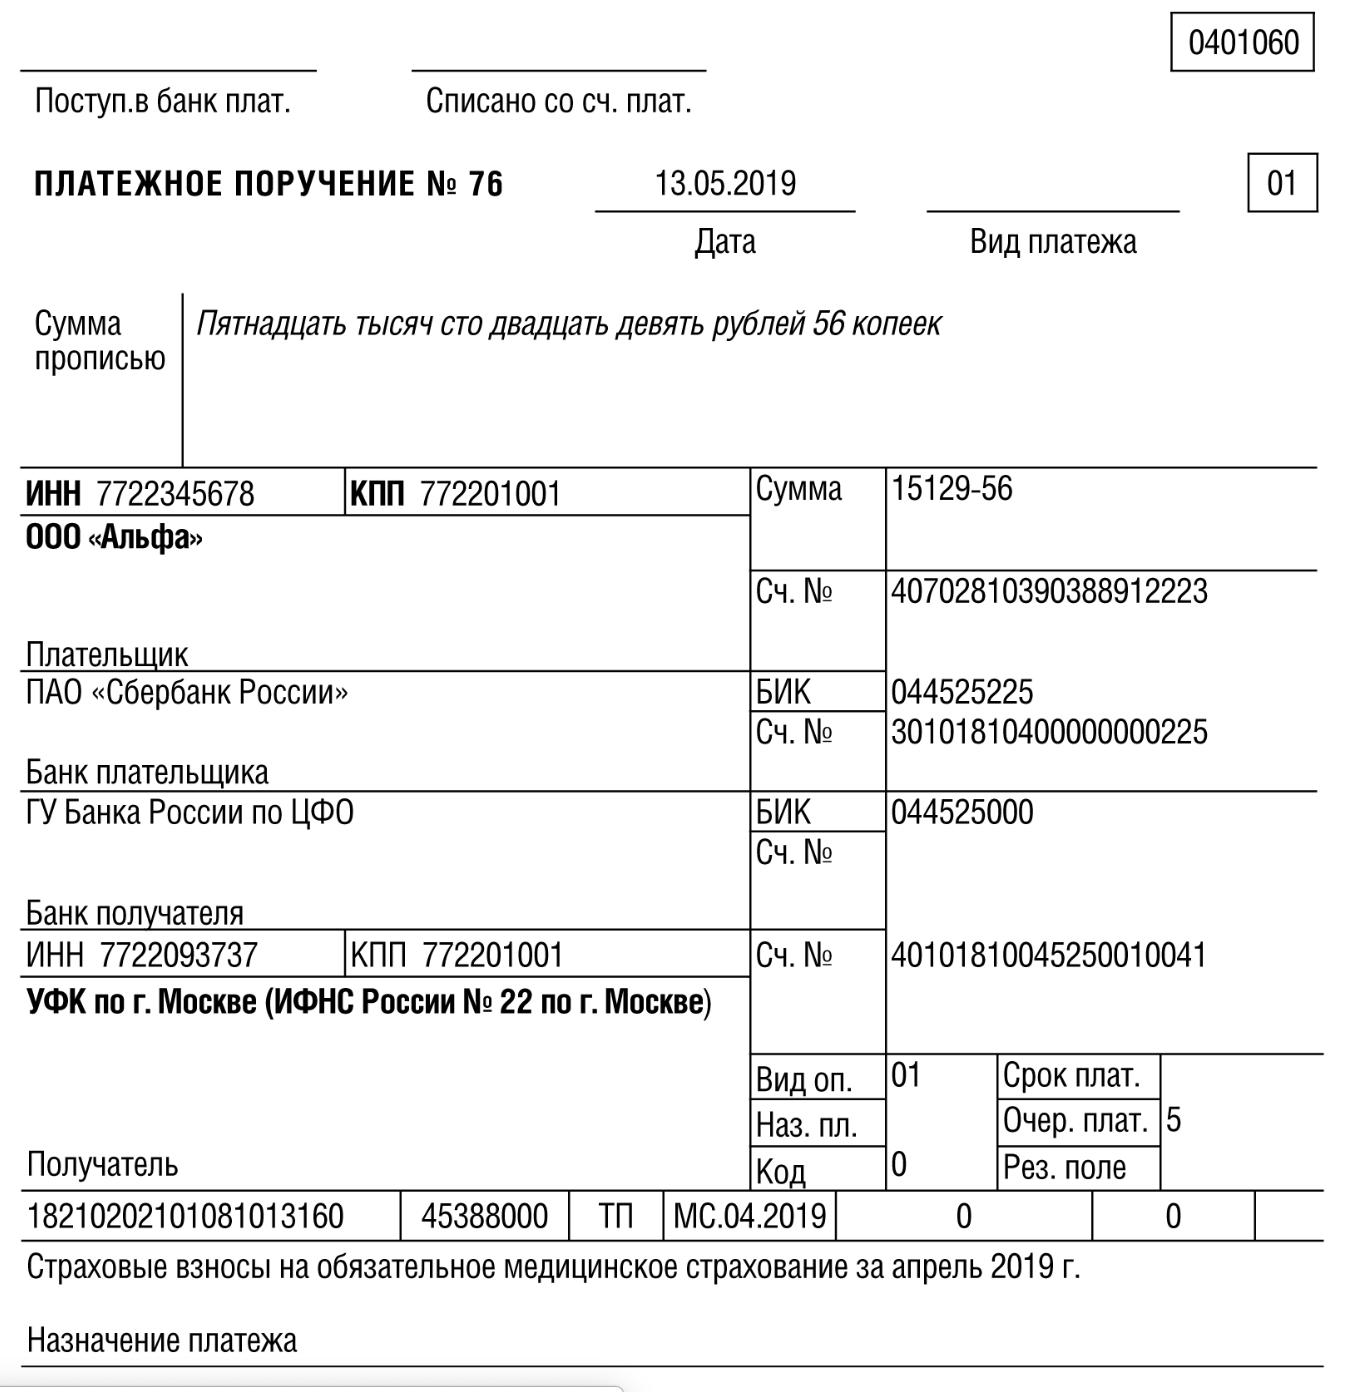 Образец оформленного платежного поручения для юрлица 1